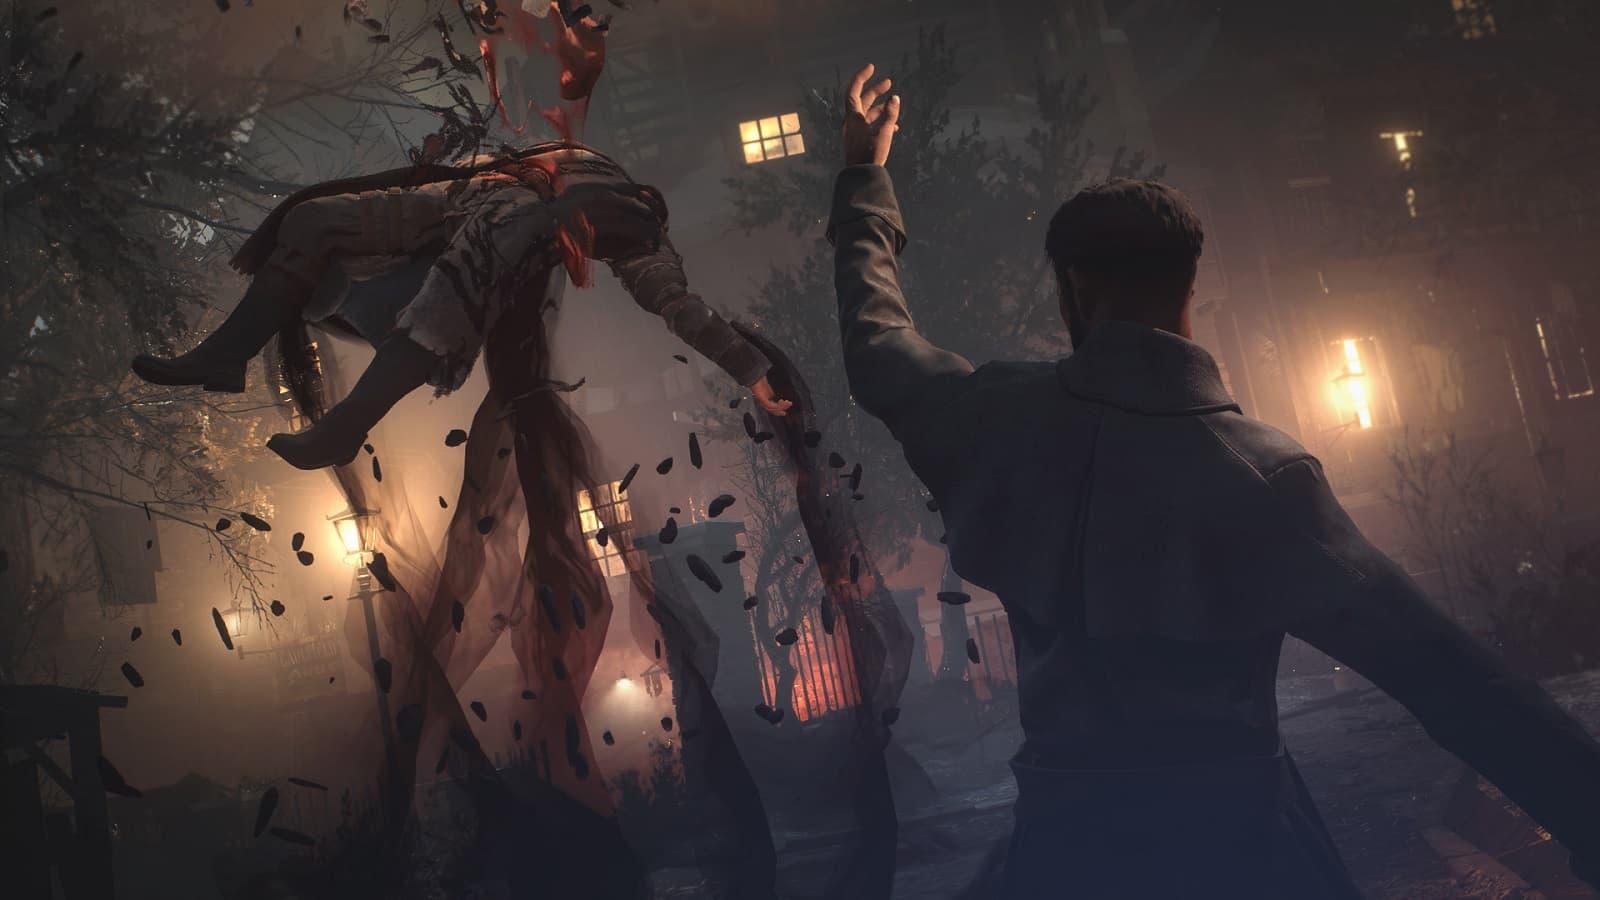 Vampyr, Horror, RPG, Adventure, Review, Вампир, Ужасы, Ролевая игра, Приключение, Рецензия, Обзор, Отзыв, Мнение